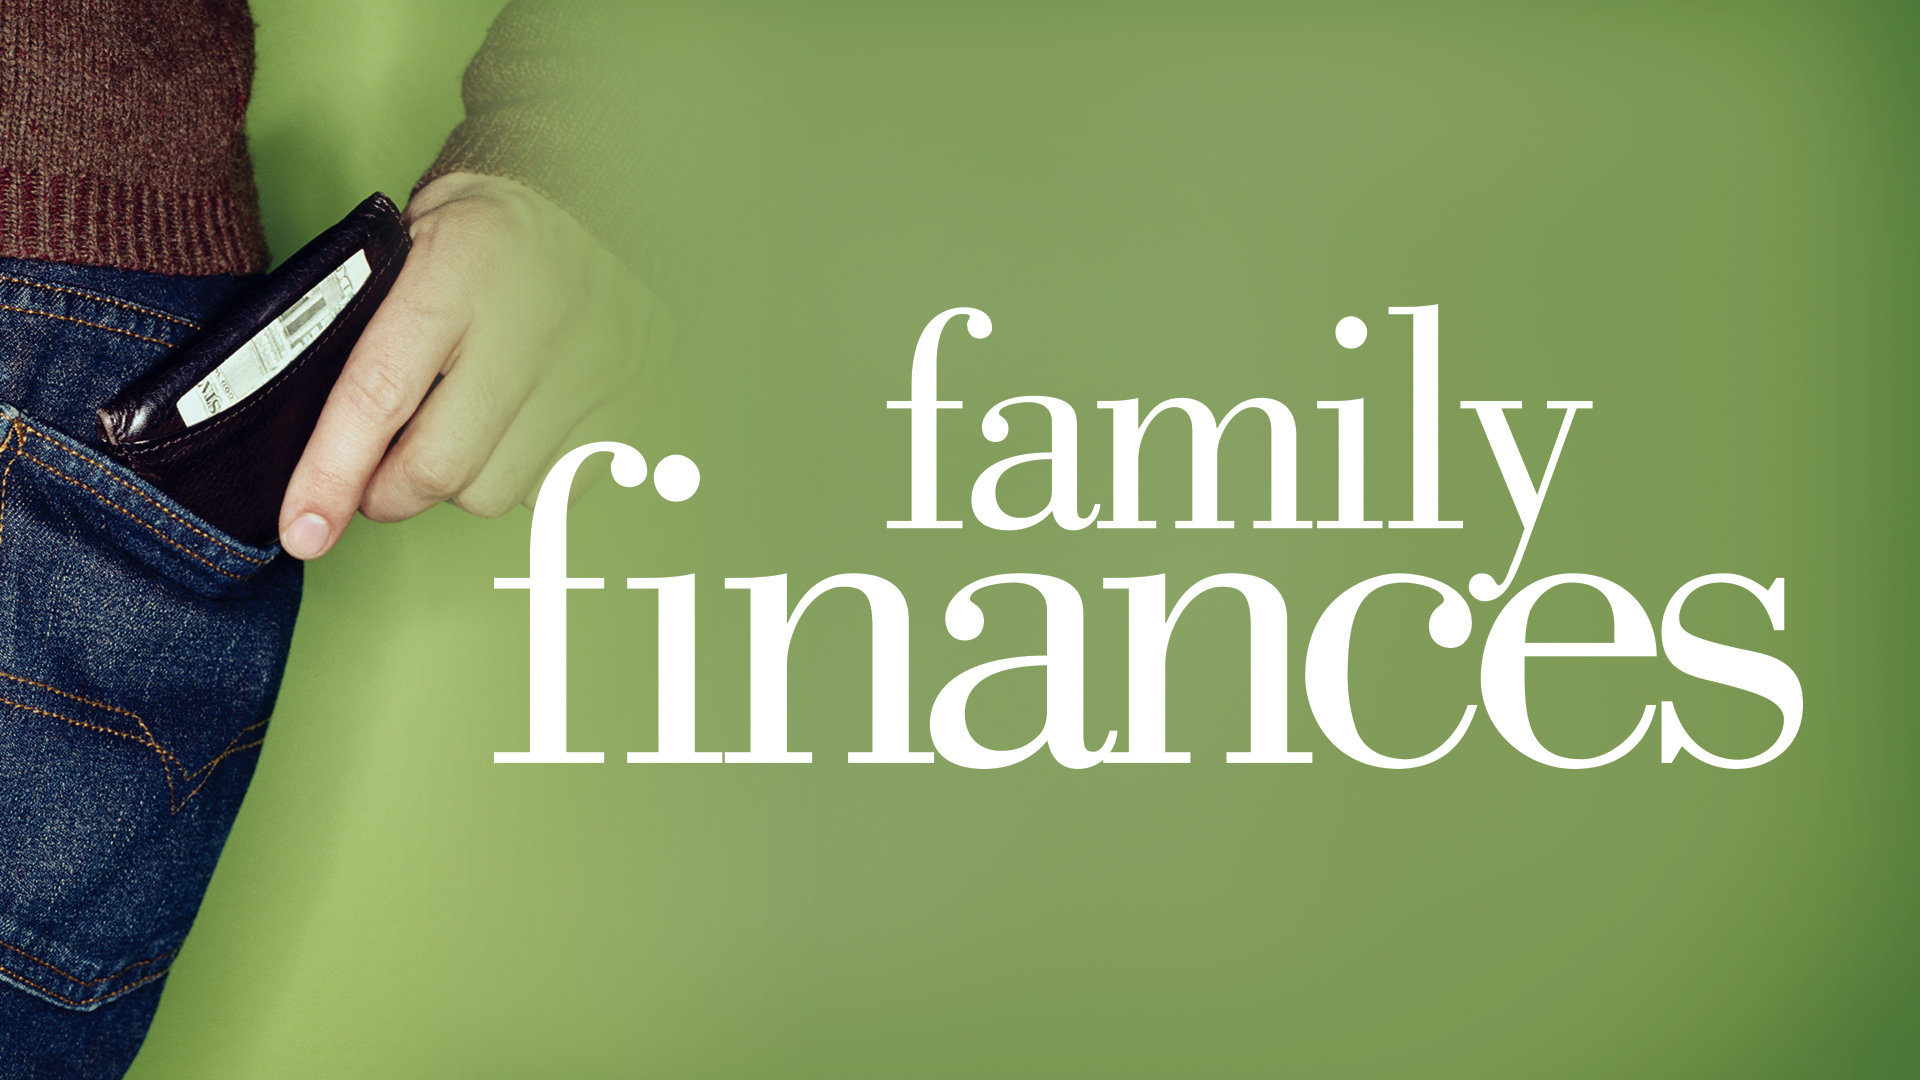 Family Finances Title Slide.jpg